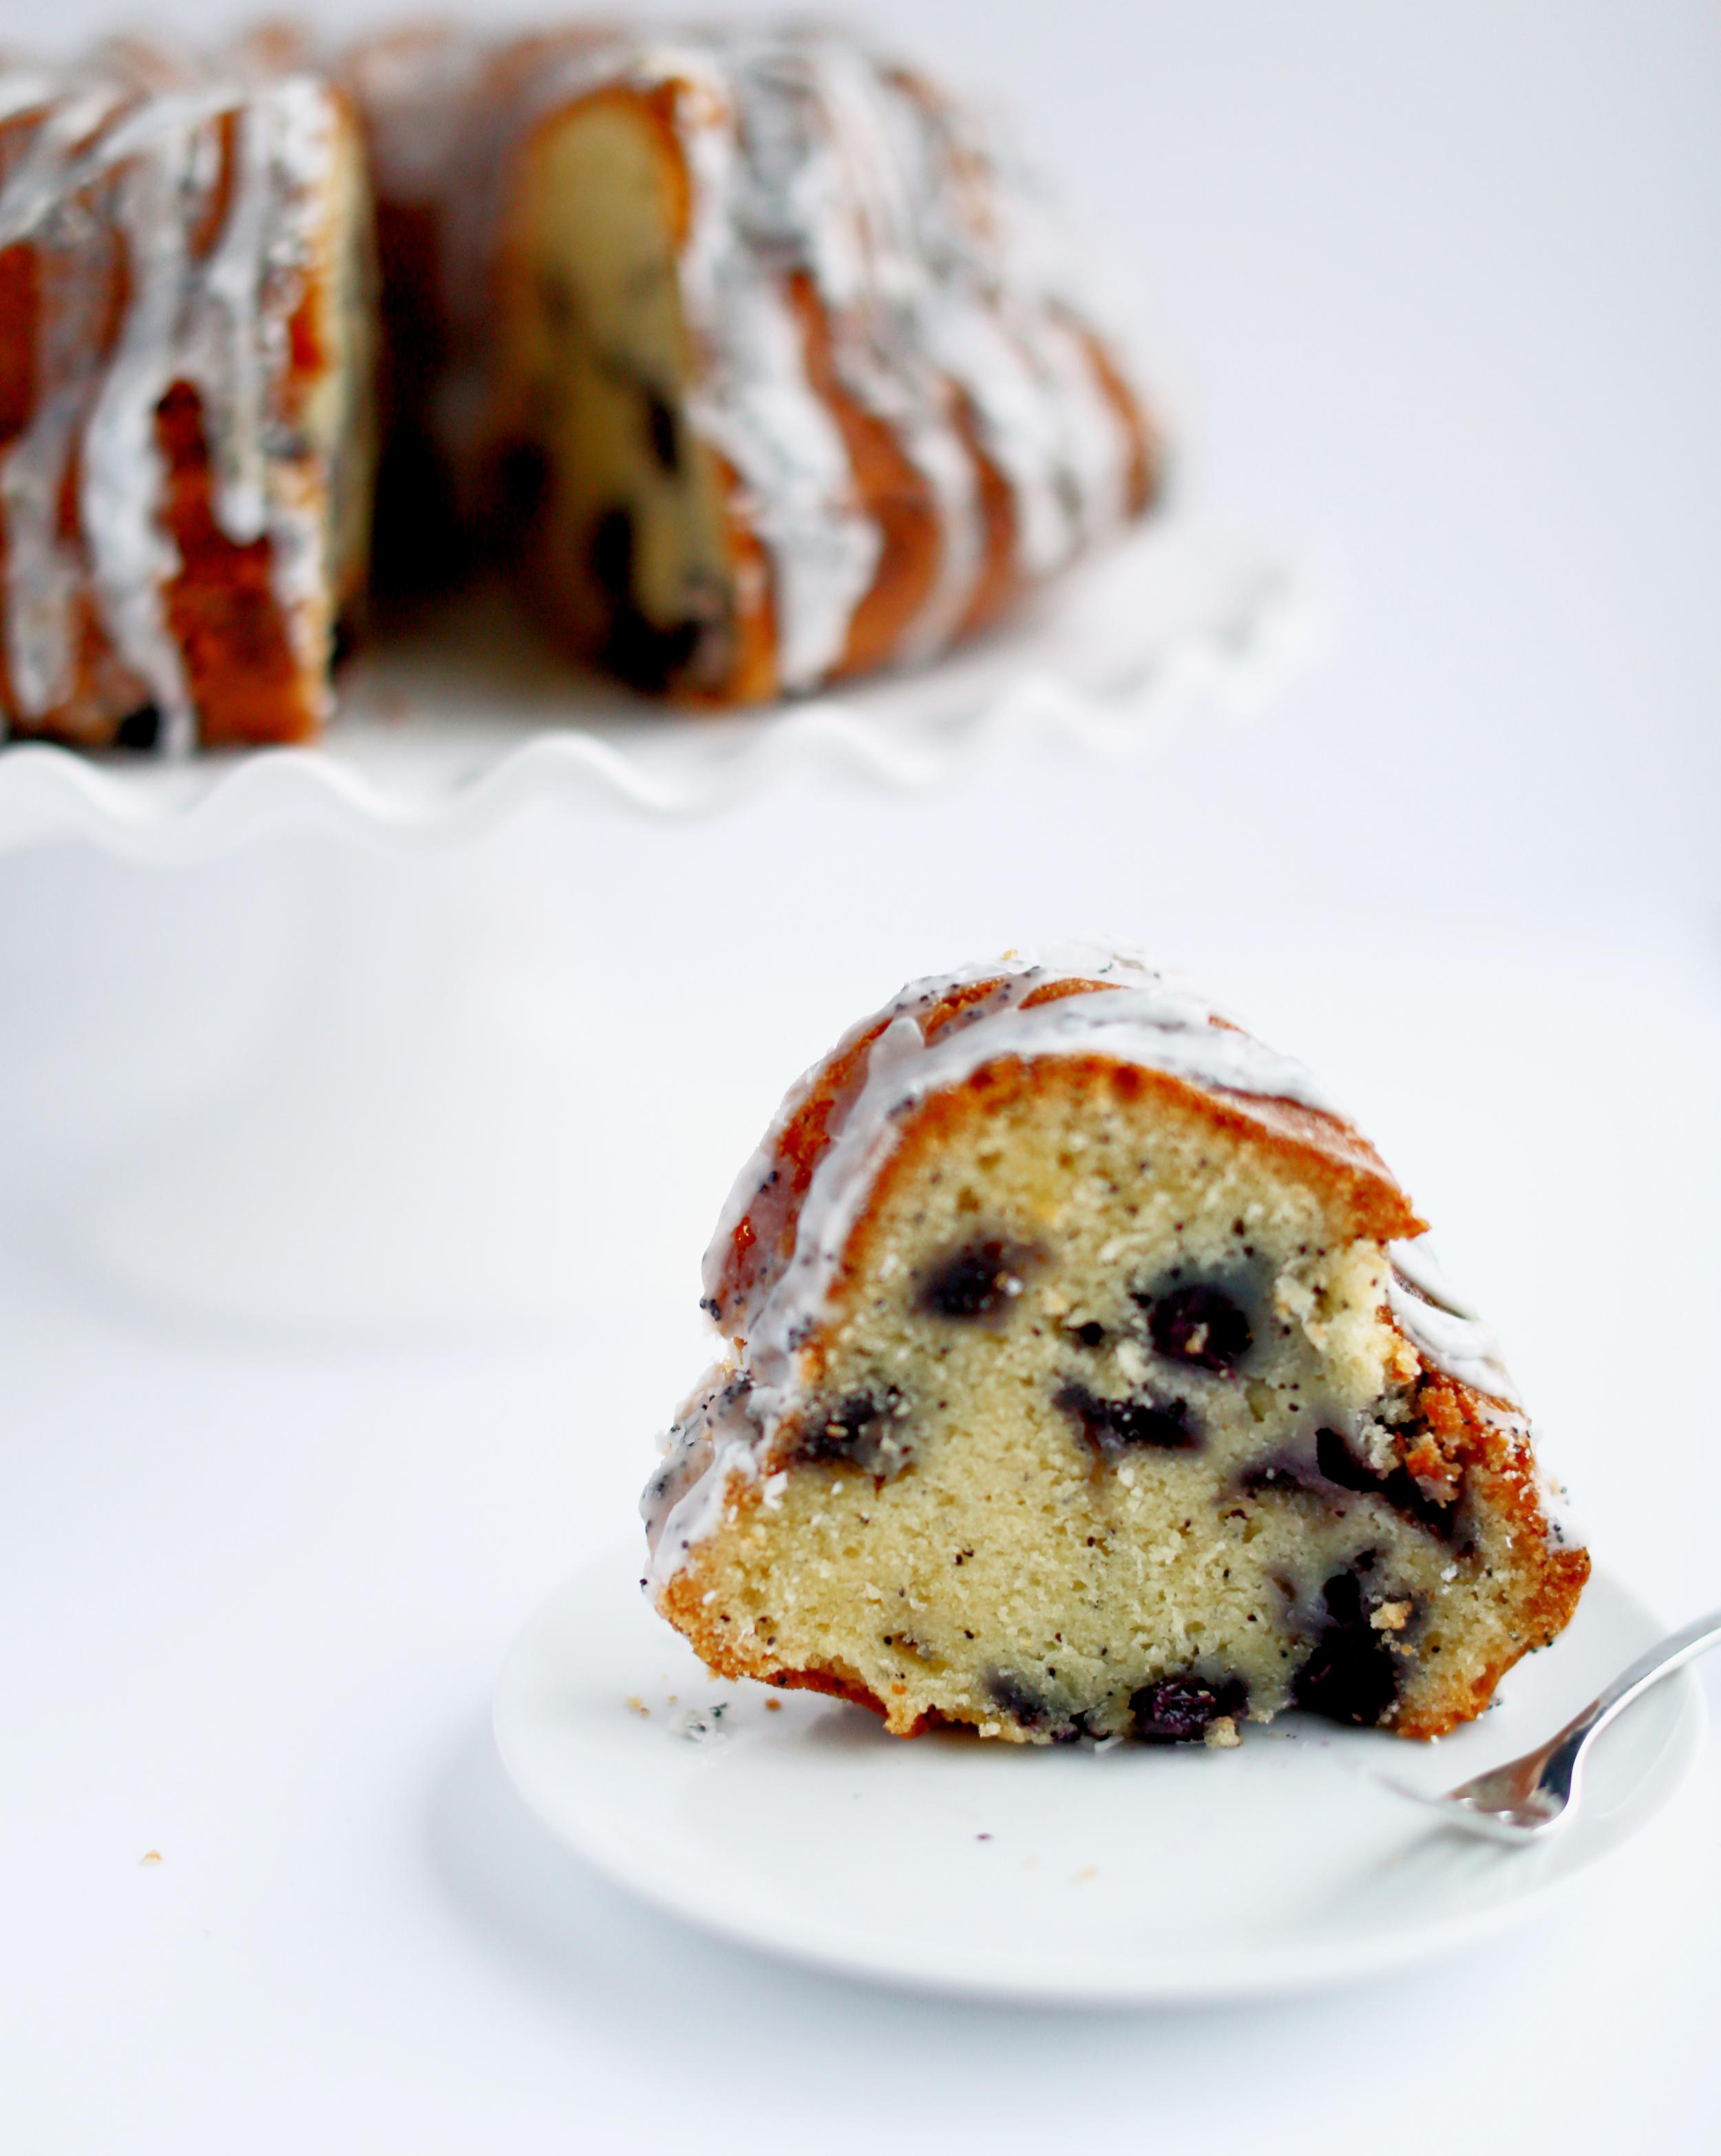 lemon blueberry poppyseed bundt cake